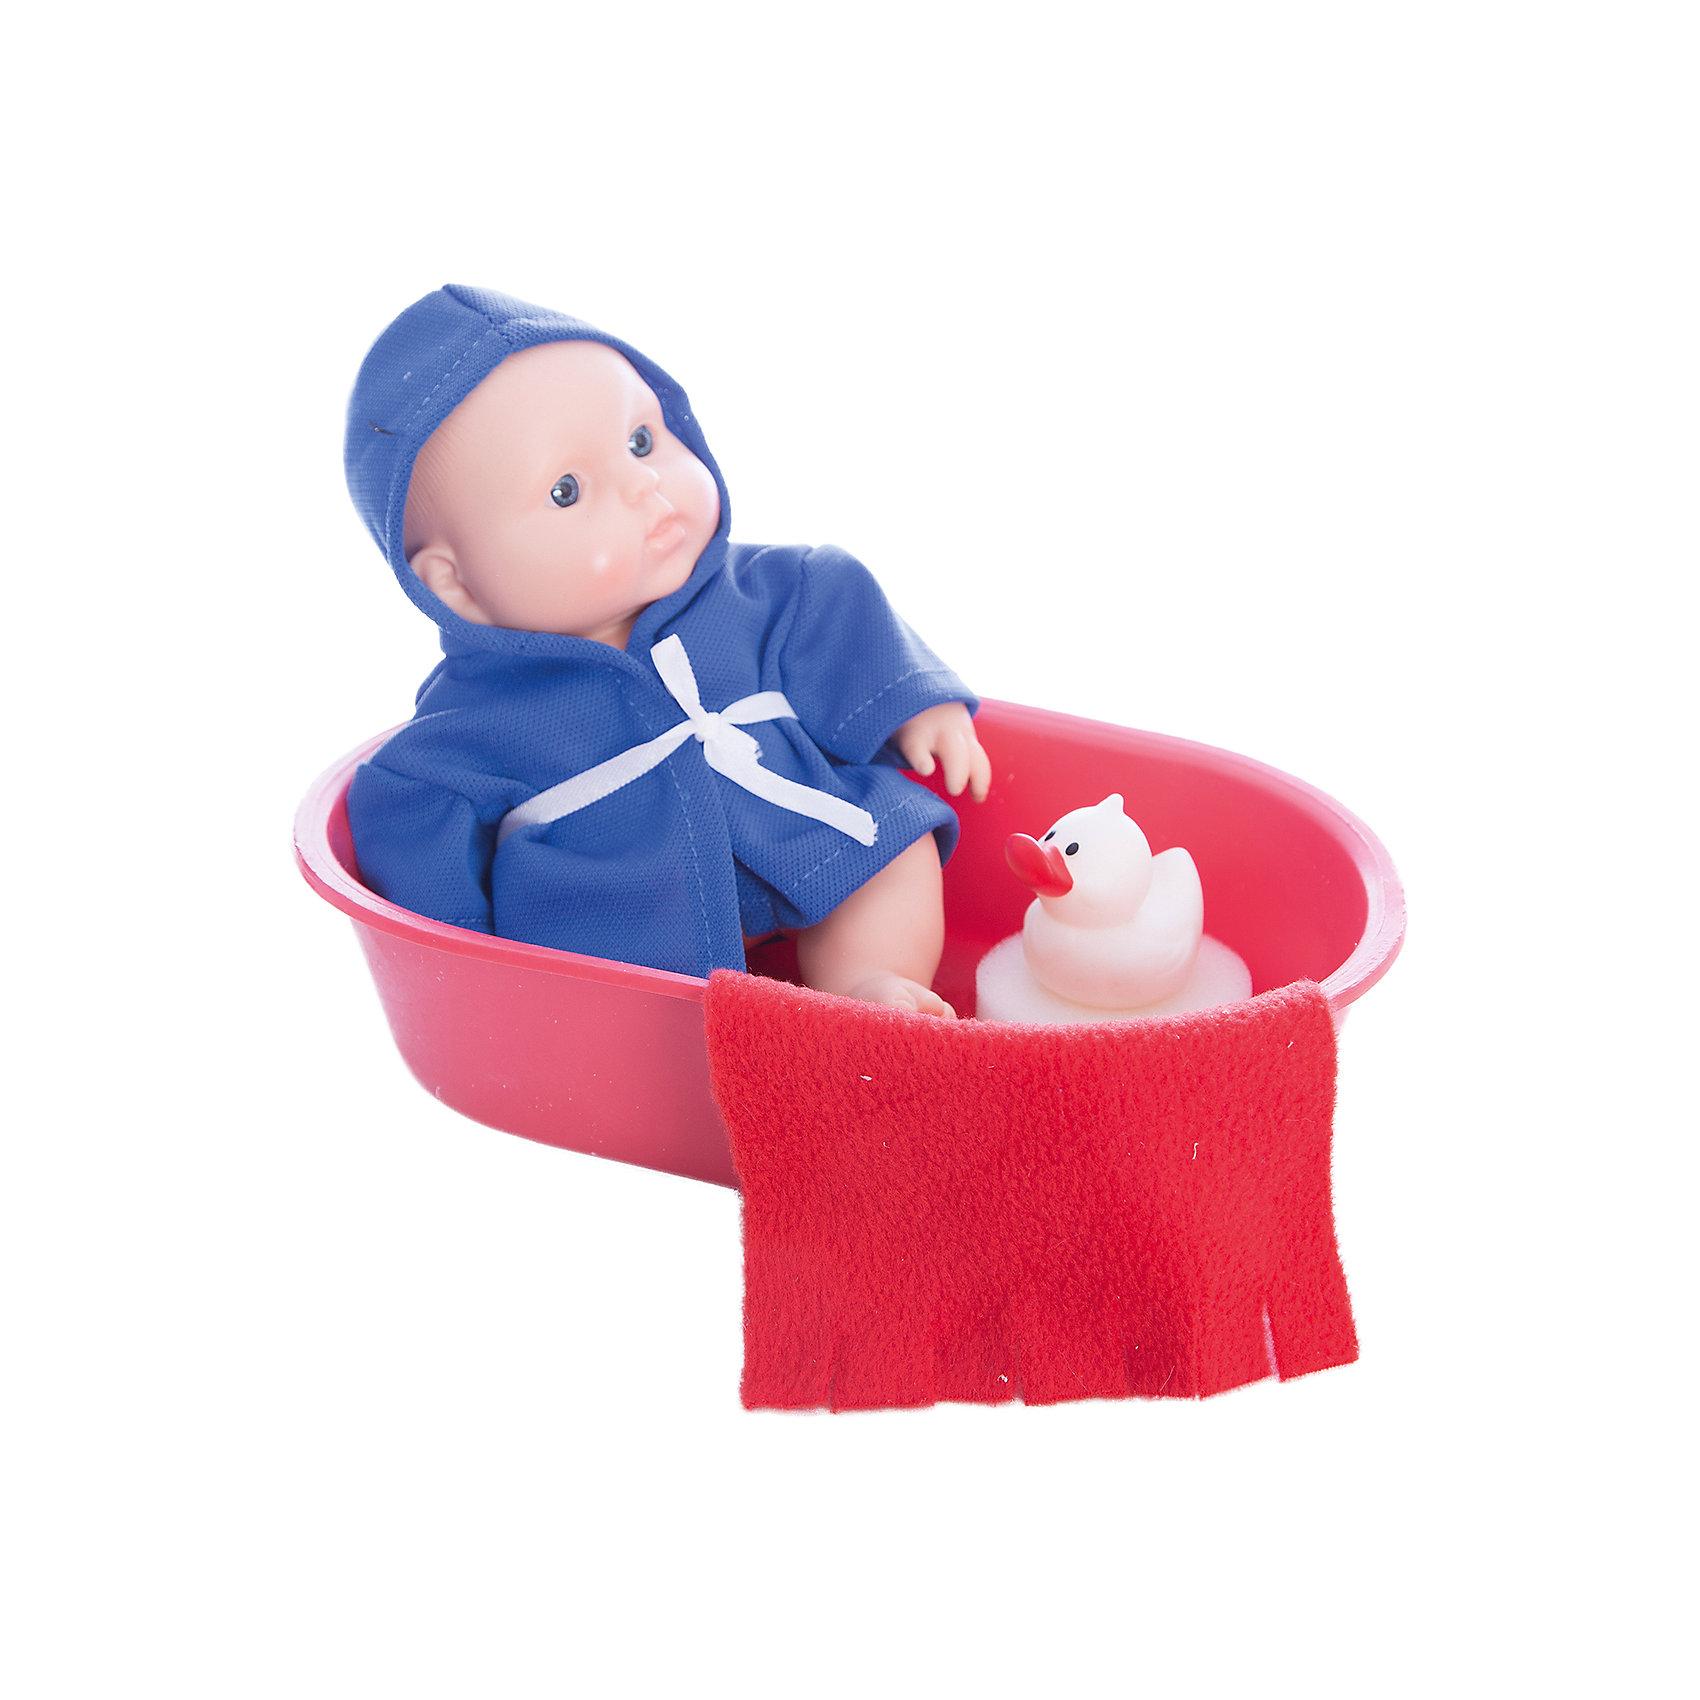 Кукла Карапуз в ванночке, девочка, ВеснаКлассические куклы<br>Симпатичная и качественная кукла от отечественного производителя способна не просто помочь ребенку весело проводить время, но и научить девочку заботиться о других. На игрушке - симпатичная одежда и шапочка, всё можно снимать и надевать. Также ванночка, в которой ее можно купать.<br>Такая кукла помогает ребенку нарабатывать социальные навыки и весело познавать мир. Сделана игрушка из качественных, приятных на ощупь и безопасных для ребенка материалов.<br><br>Отличительные особенности куклы:<br><br>- материал: пластмасса;<br>- волосы: рельефная имитация;<br>- можно купать;<br>- снимающаяся одежда;<br>- высота: 20 см.<br><br>Куклу Карапуз в ванночке от марки Весна можно купить в нашем магазине.<br><br>Ширина мм: 130<br>Глубина мм: 750<br>Высота мм: 240<br>Вес г: 300<br>Возраст от месяцев: 36<br>Возраст до месяцев: 1188<br>Пол: Женский<br>Возраст: Детский<br>SKU: 4701837